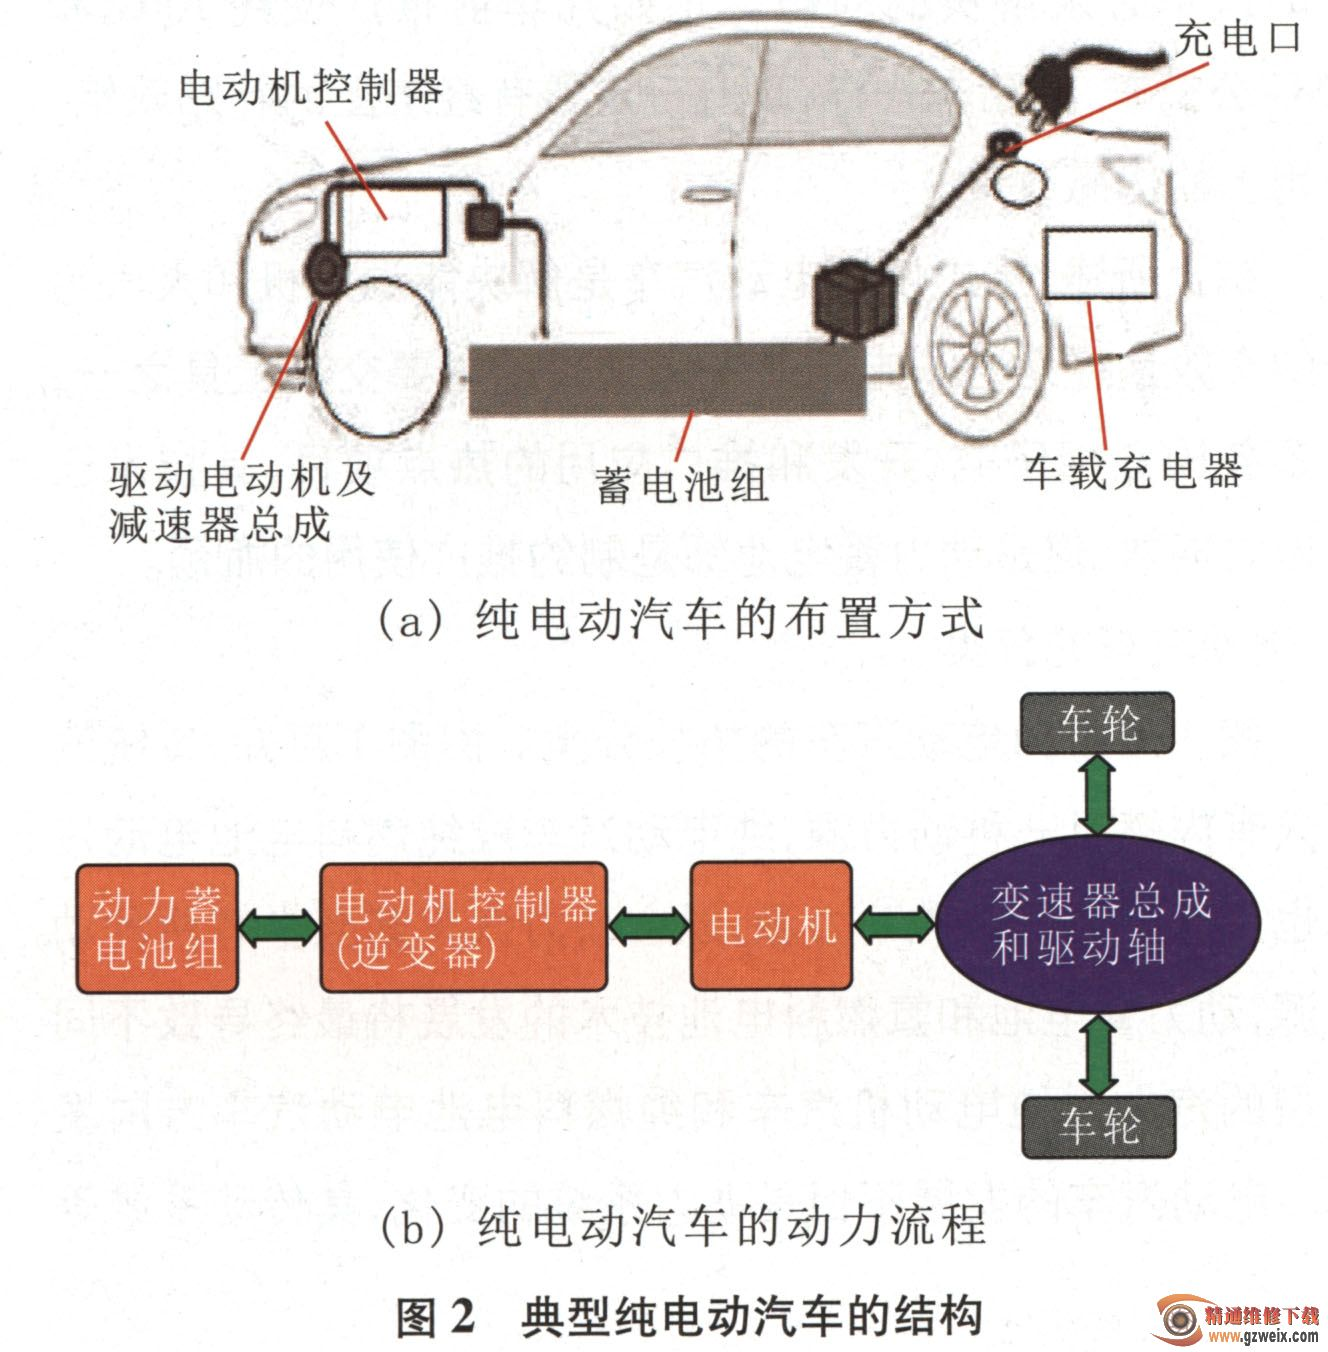 時風電動汽車結構圖; 汽車空調構造圖解;